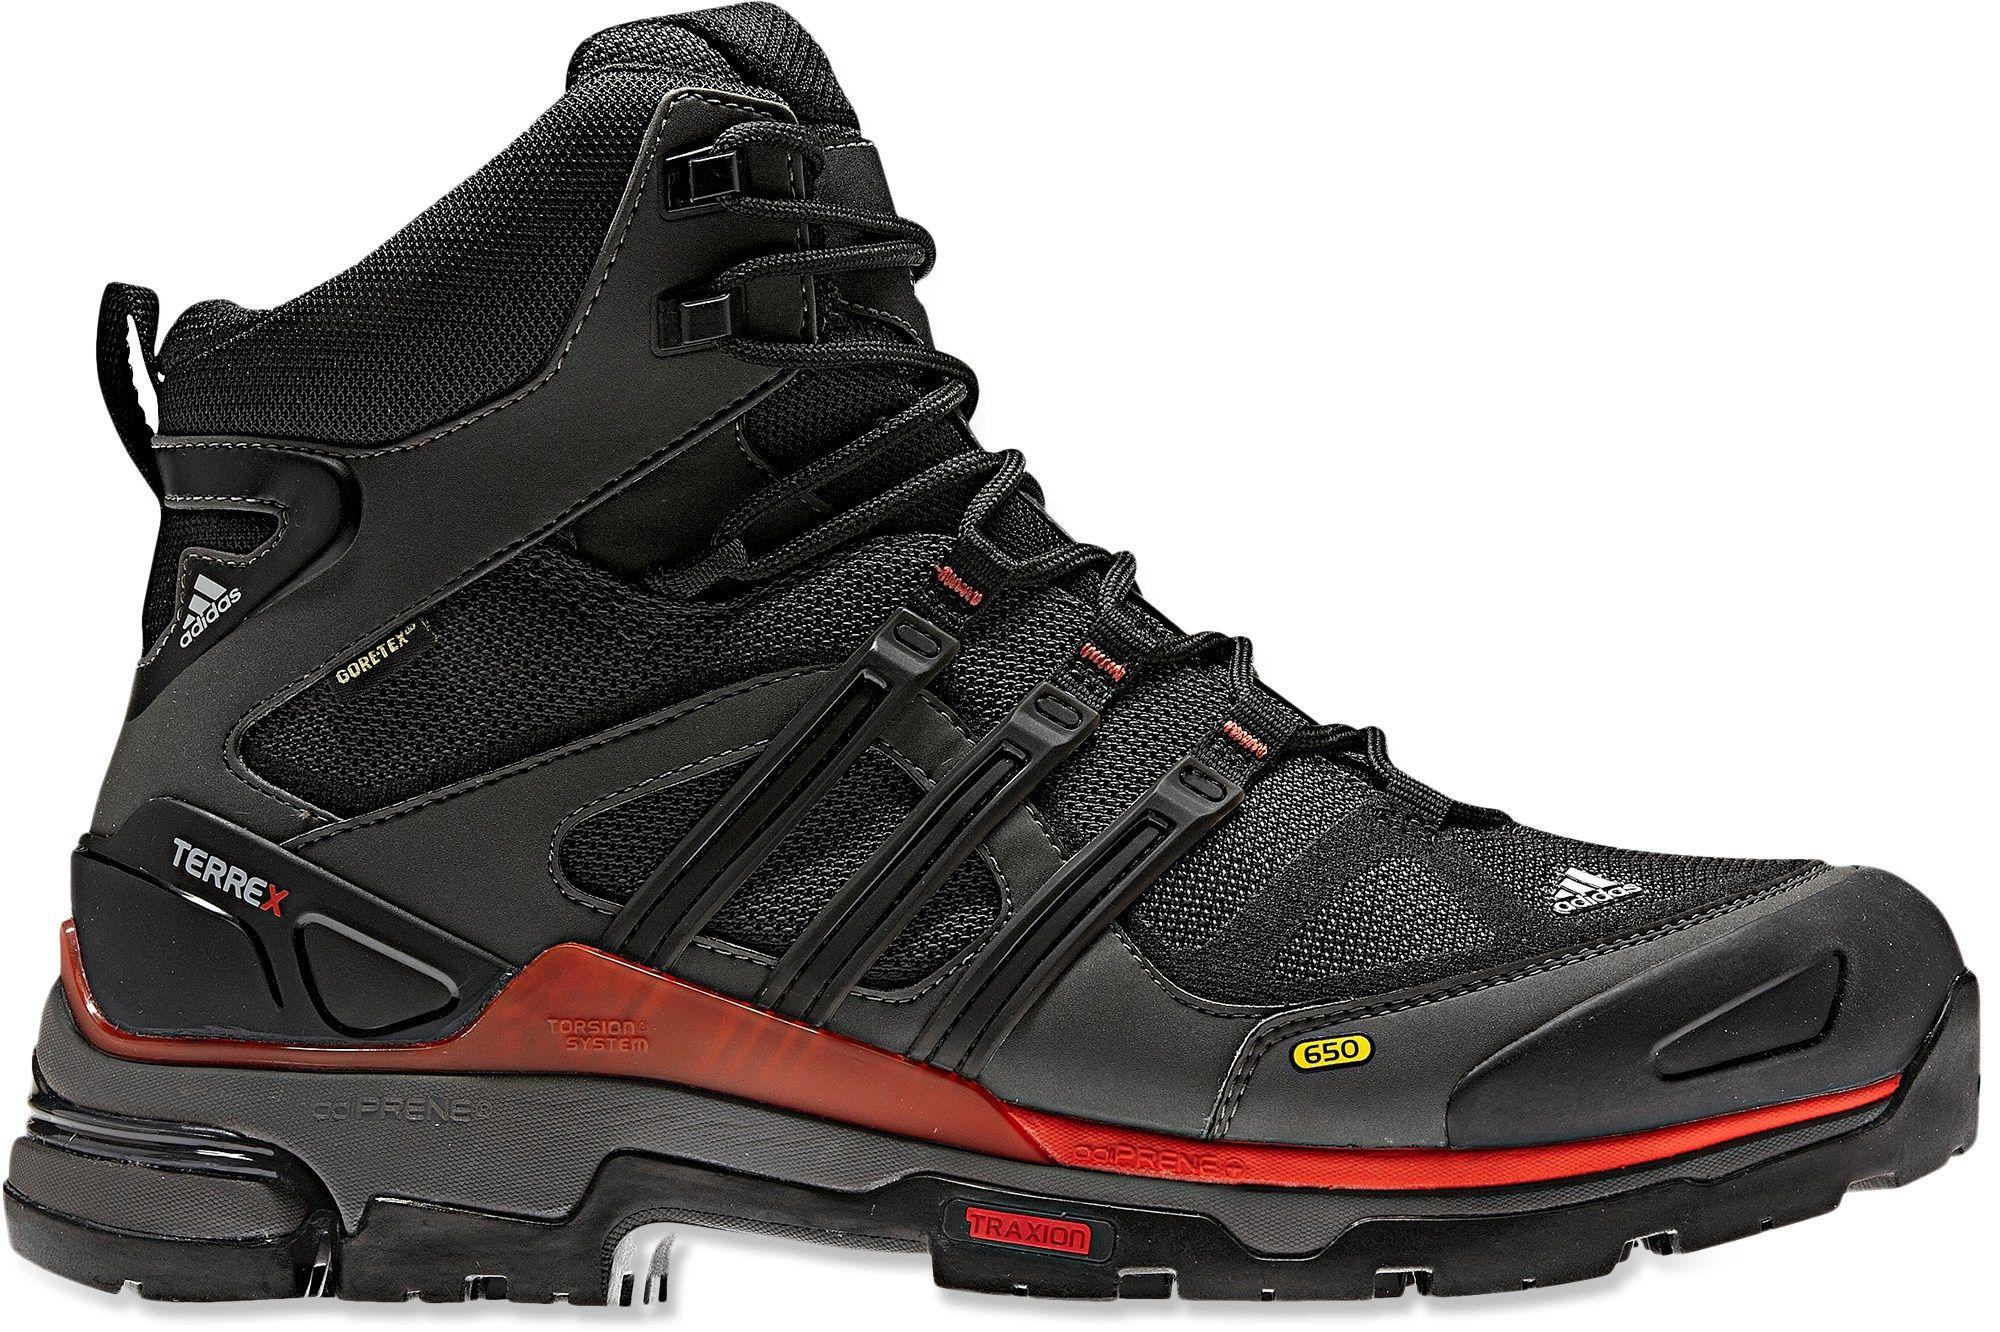 Adidas Terrex Hike Fm Mid Gtx Hiking Boots Men S Botas Masculinas Zapatos Hombre Zapatos De Senderismo